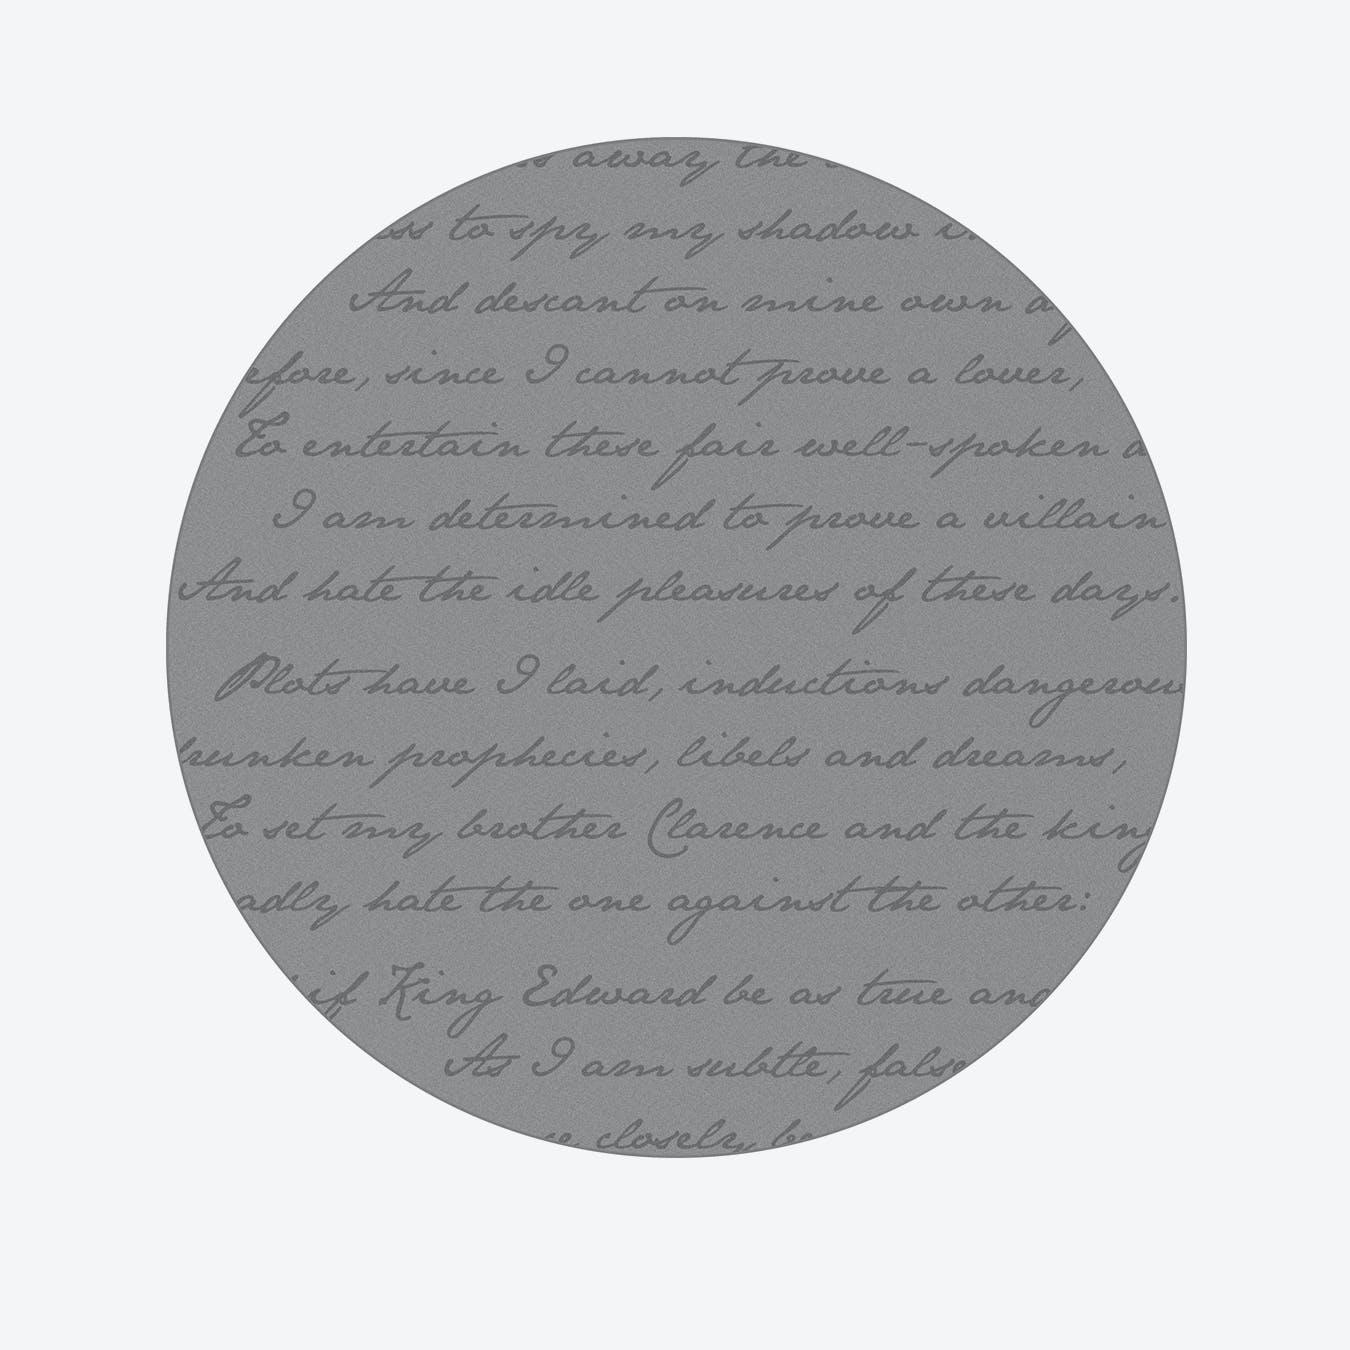 Richard Iii Round Rug Grey